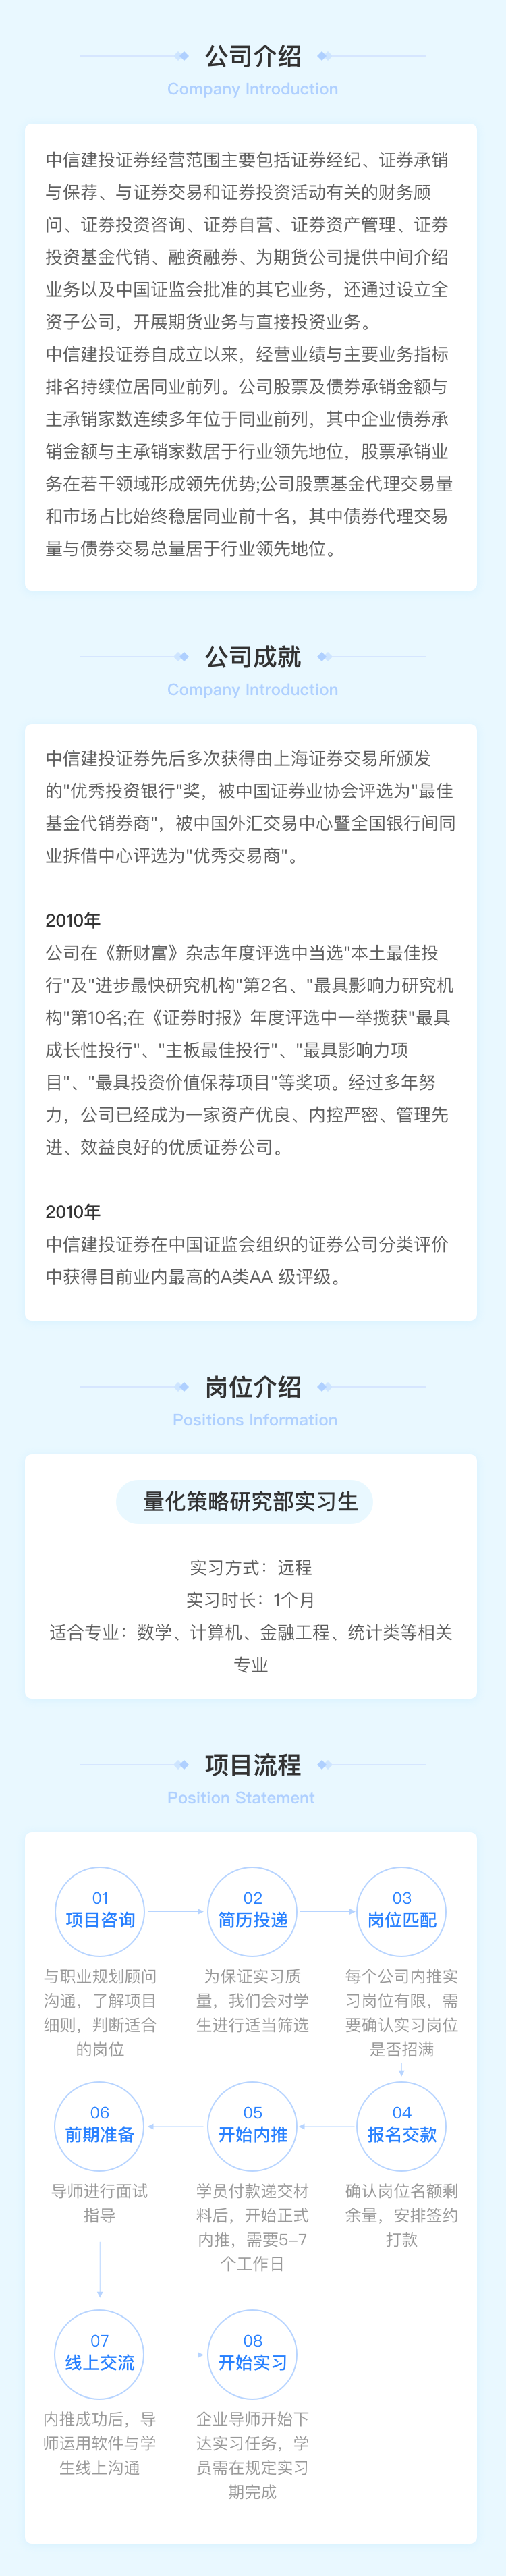 中信建投证券-量化岗(远程).png